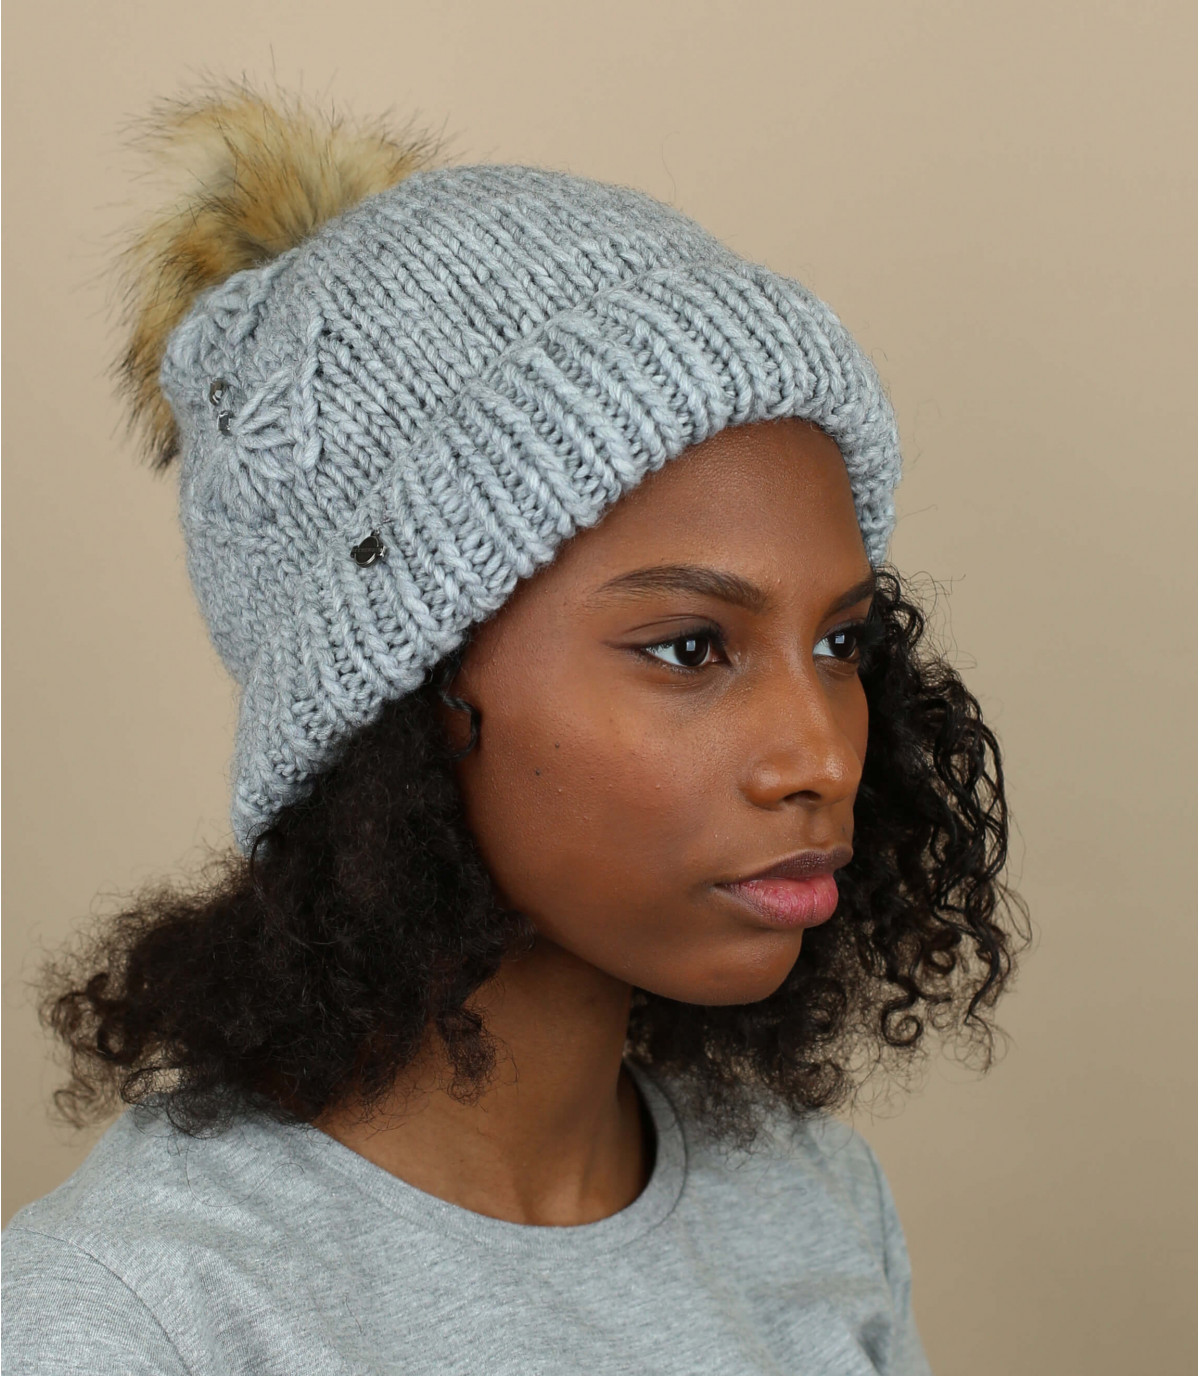 cappello grigio nappa strass